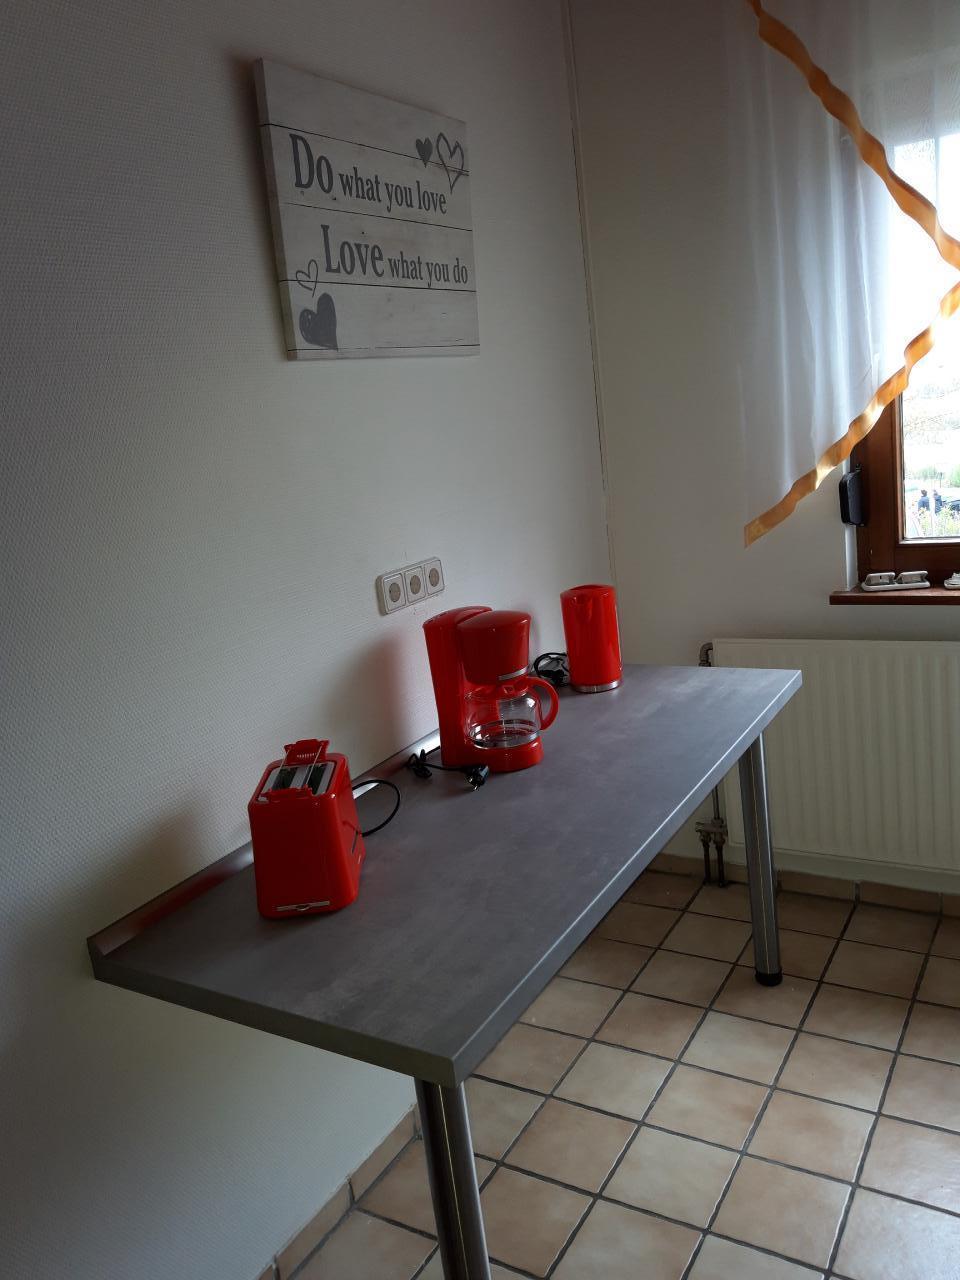 Ferienhaus Bungalow 6 neu renoviert für 4-6 Personen in der Rhön Residence Bungalows (757461), Dipperz, Rhön (Hessen), Hessen, Deutschland, Bild 15